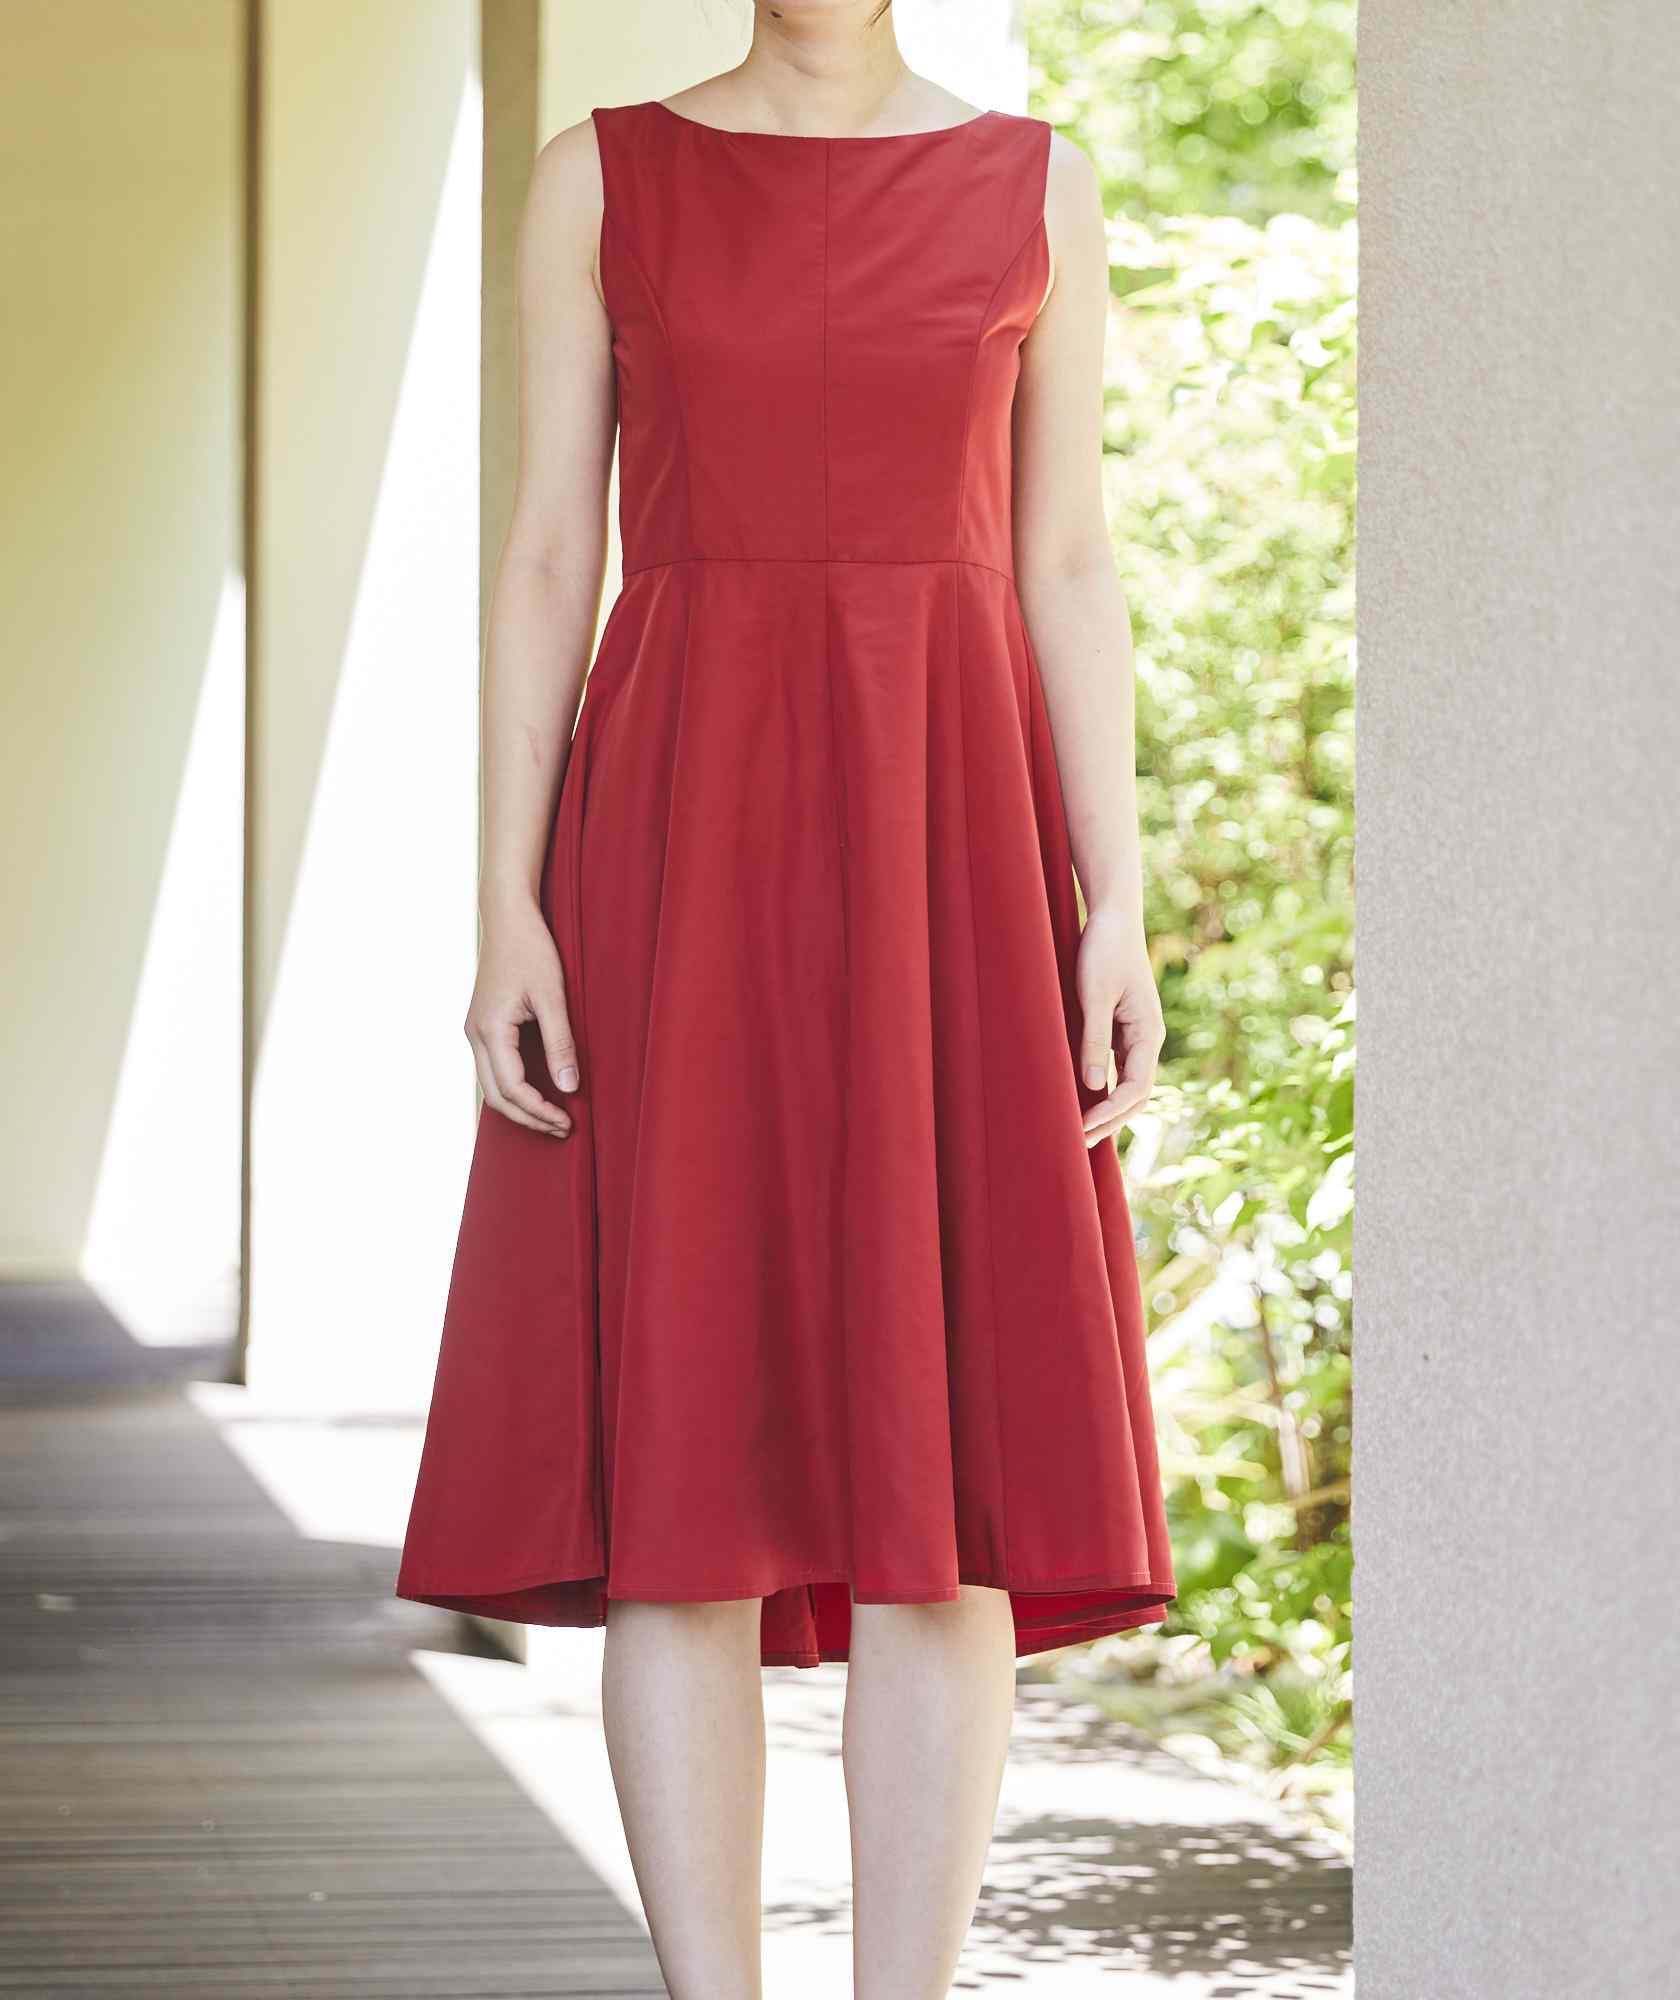 クルーVバックOGAラインミディアムドレス-レッド-S